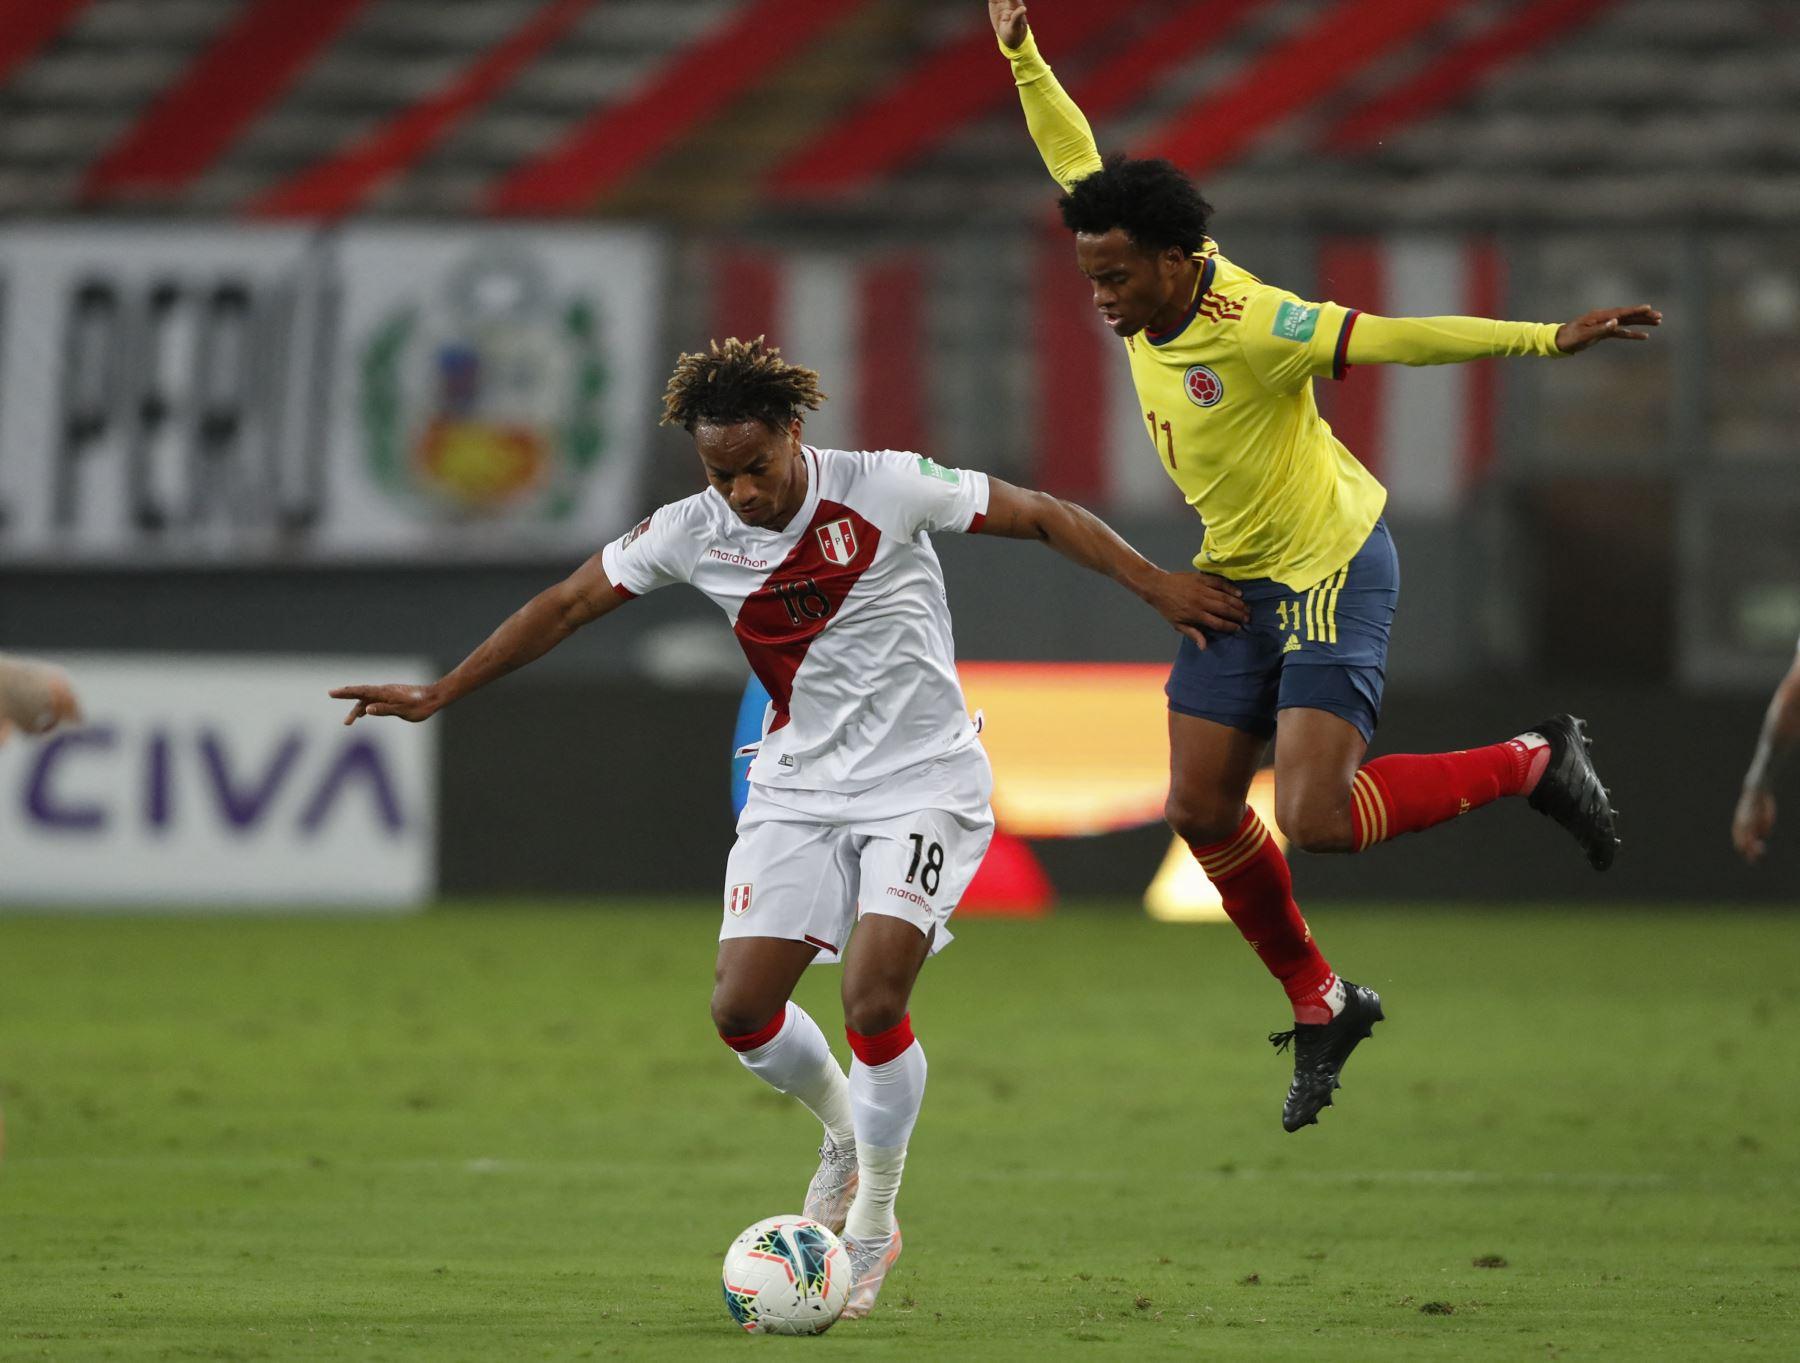 La selección peruana buscará su primera victoria en la Copa América 2021 ante Colombia